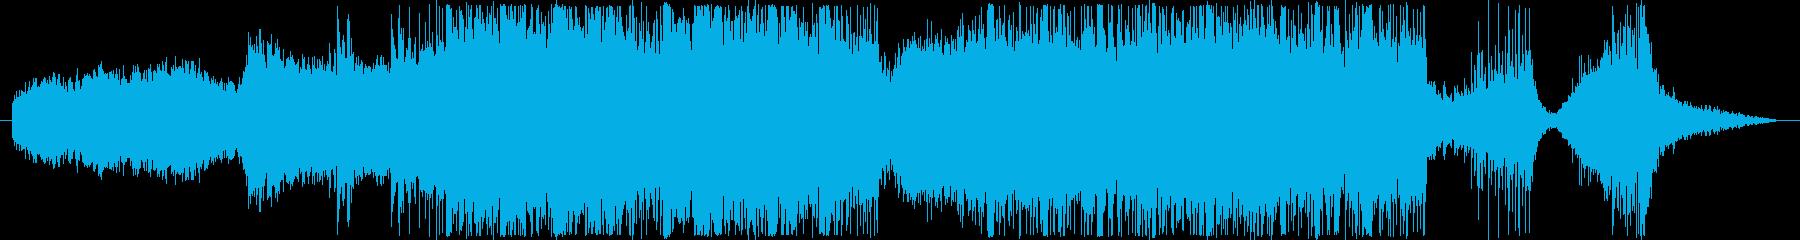 戦国和風 民族ショートトレーラー声無し版の再生済みの波形